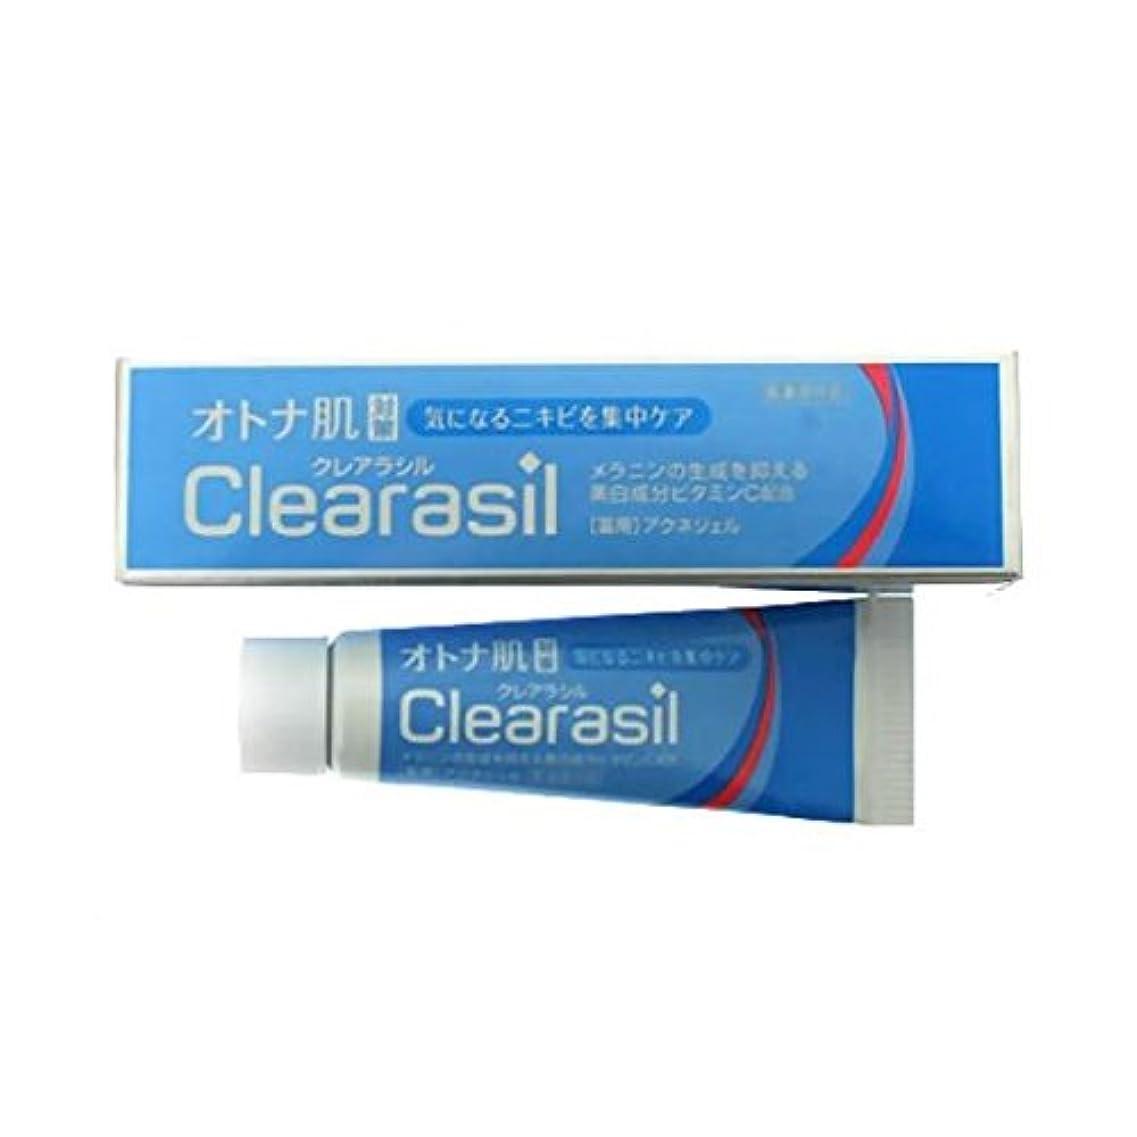 ホイール広まった横オトナ肌対策クレアラシル 薬用アクネジェル(14g) ×2セット